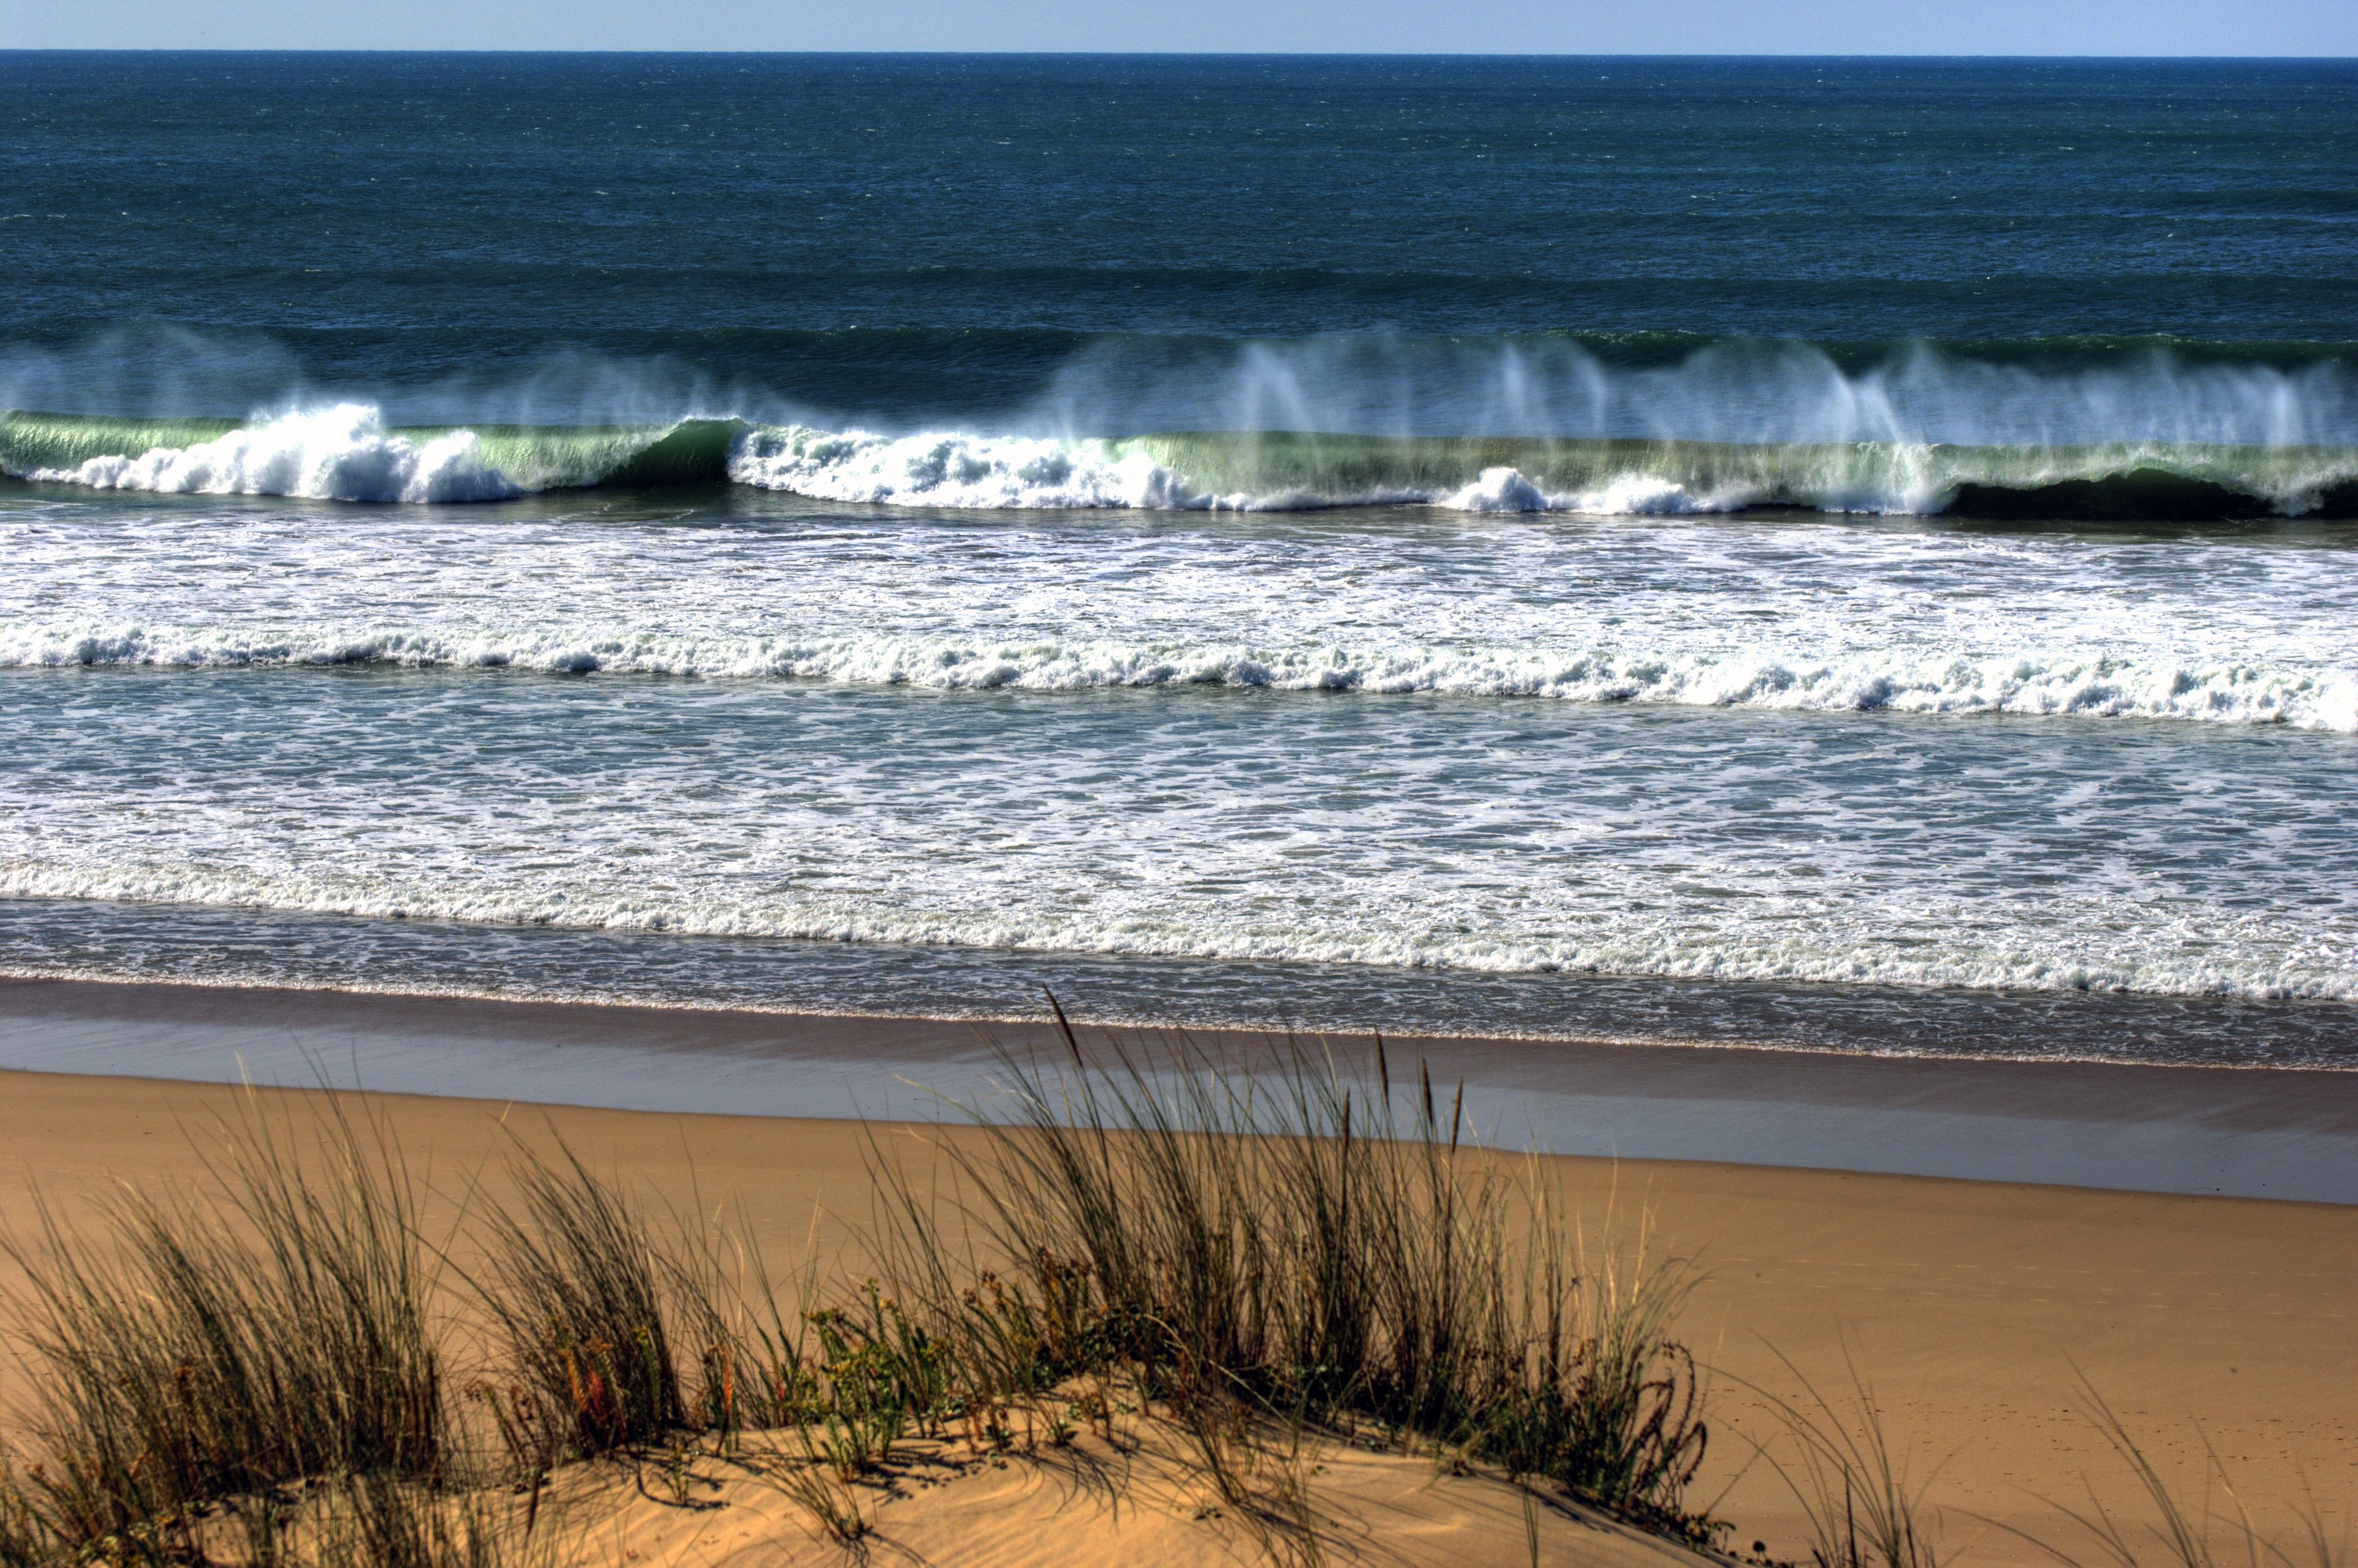 fkk naturism am strand File:Stimmungen an der Französischen Atlantikküste am Strand des FKK-Dorfs  Euronat 02.